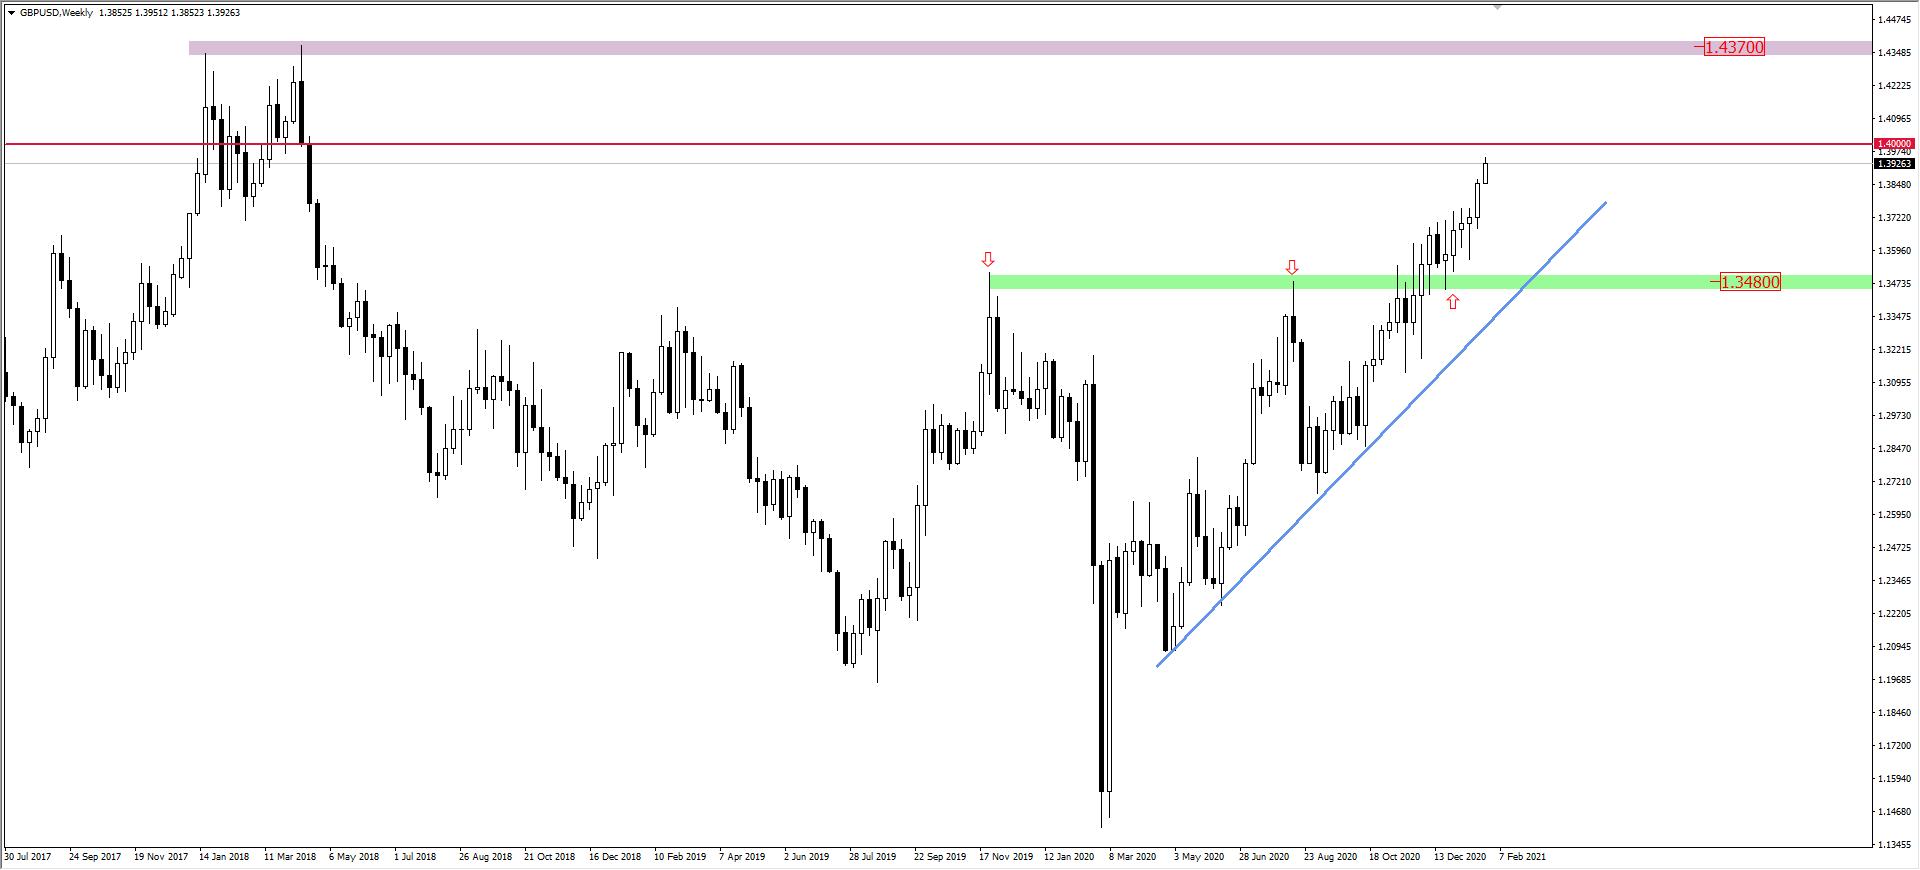 Wykres GBP/USD